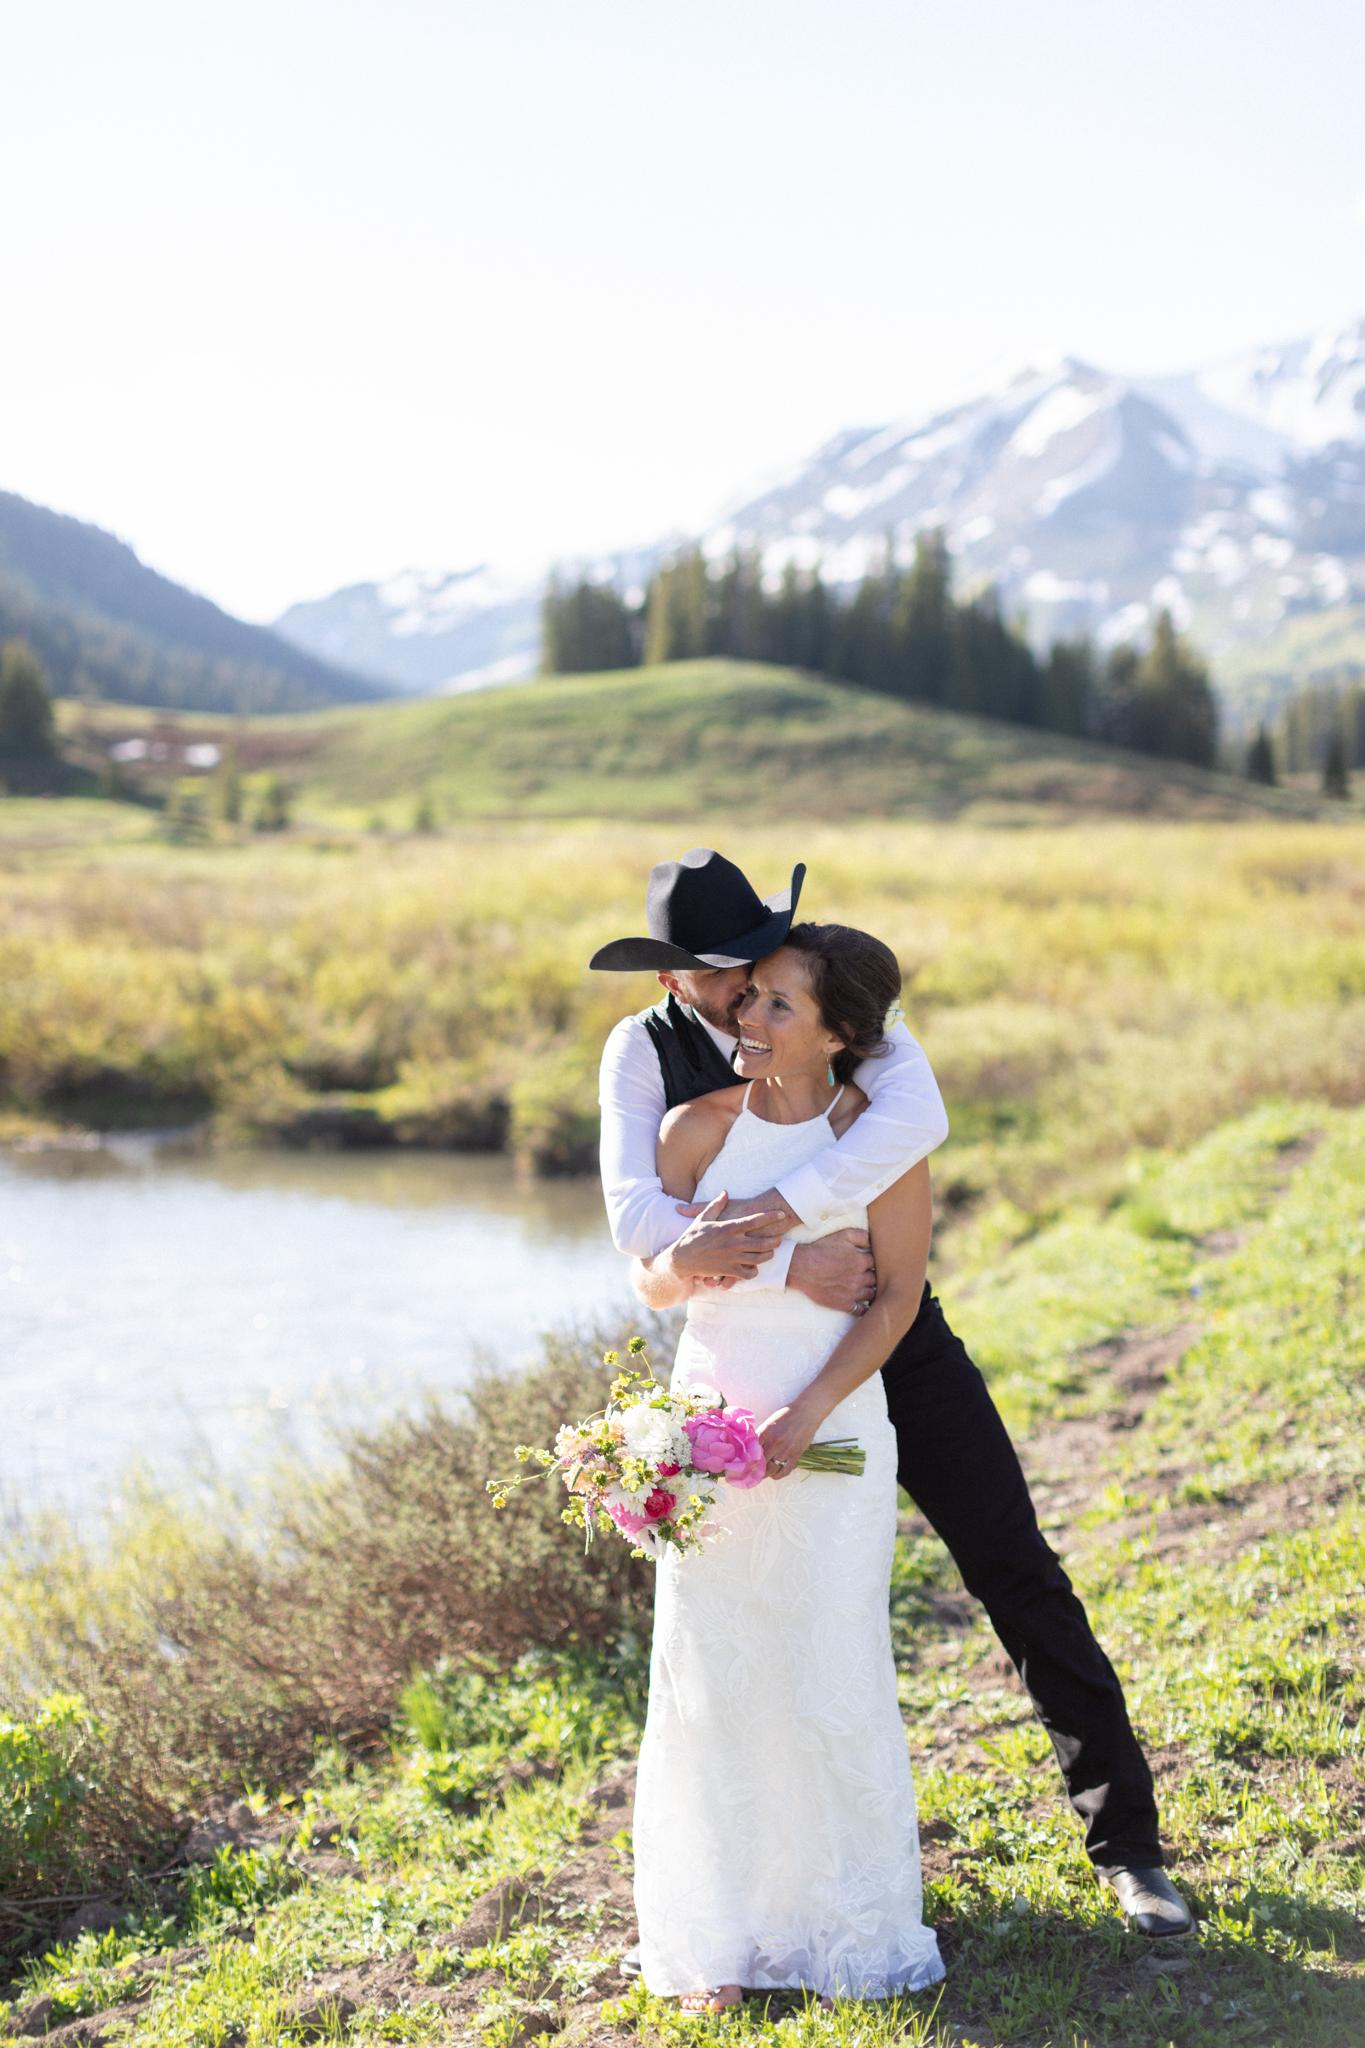 Crested_Butte_Mountain_Wedding_Garden-10